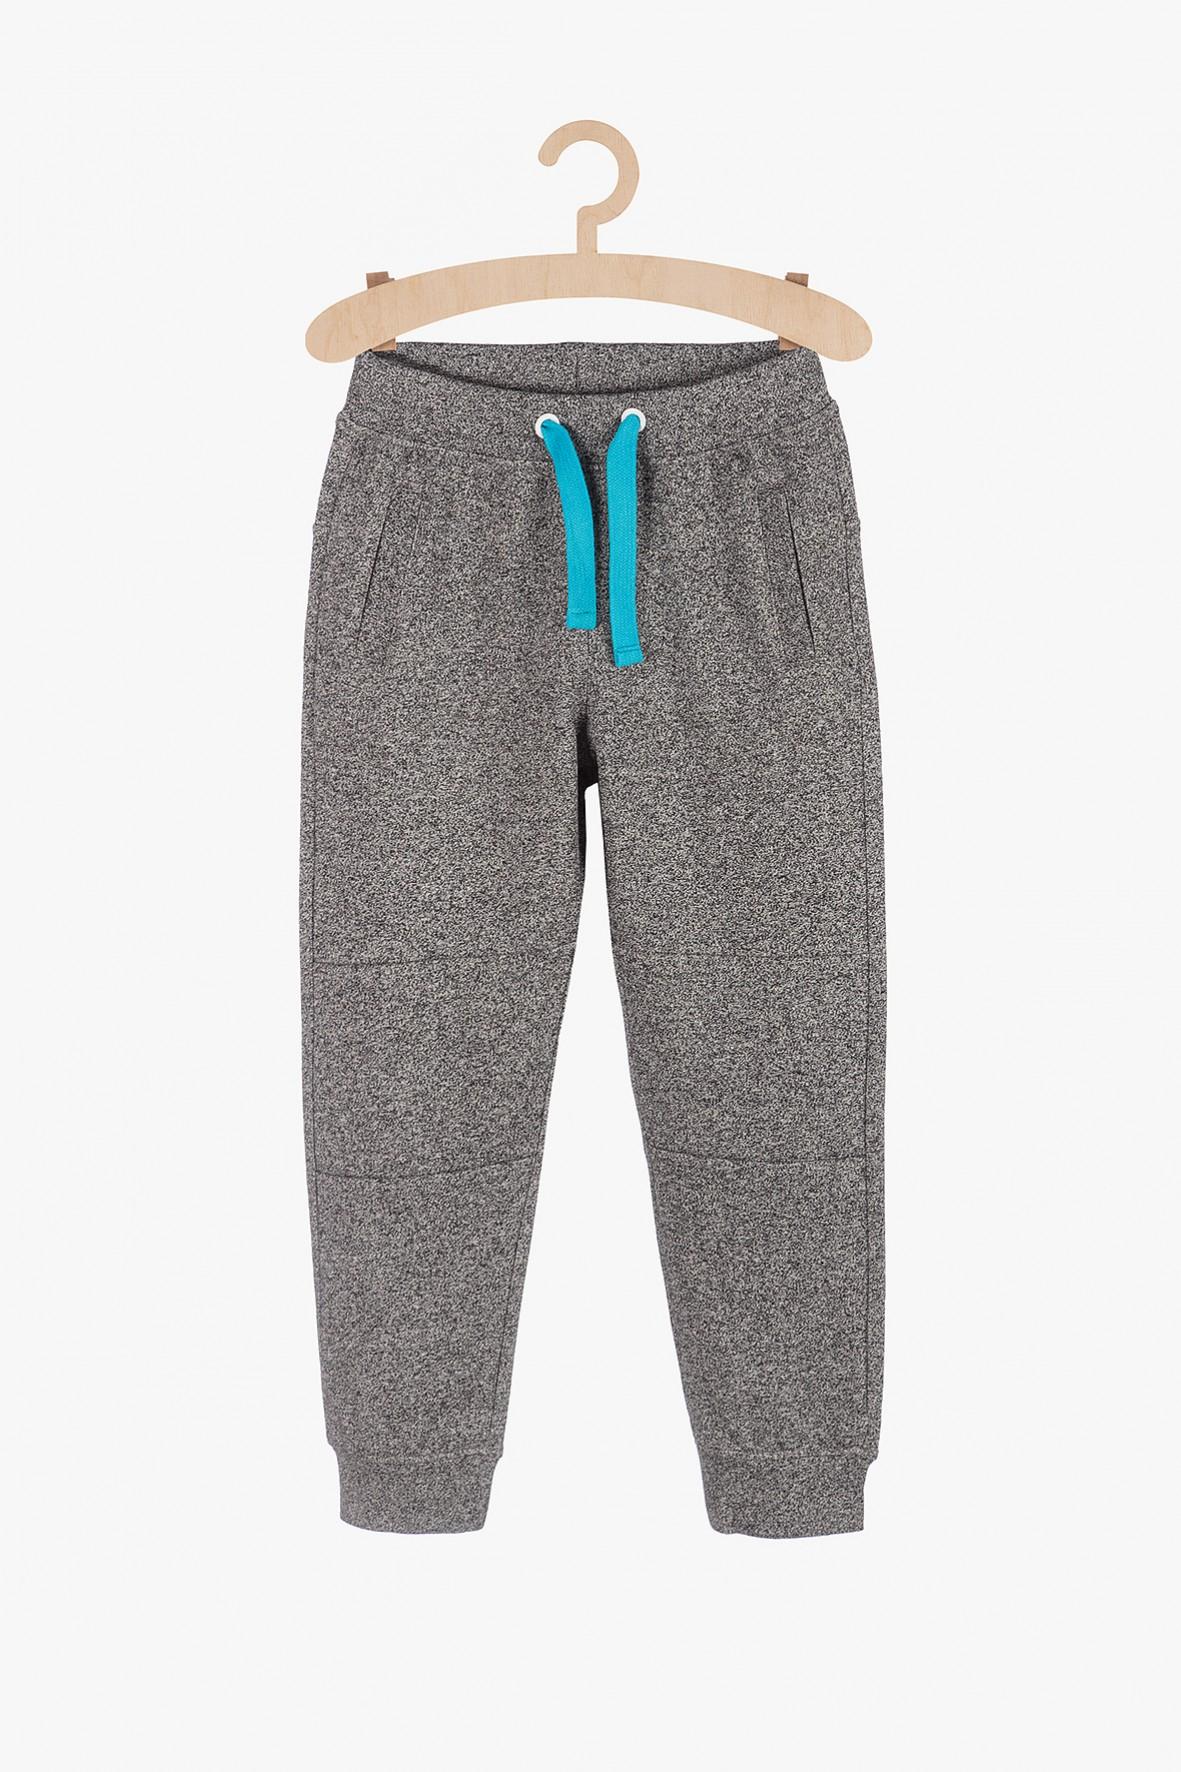 Spodnie dresowe dla chłopca  - szare z kieszeniami